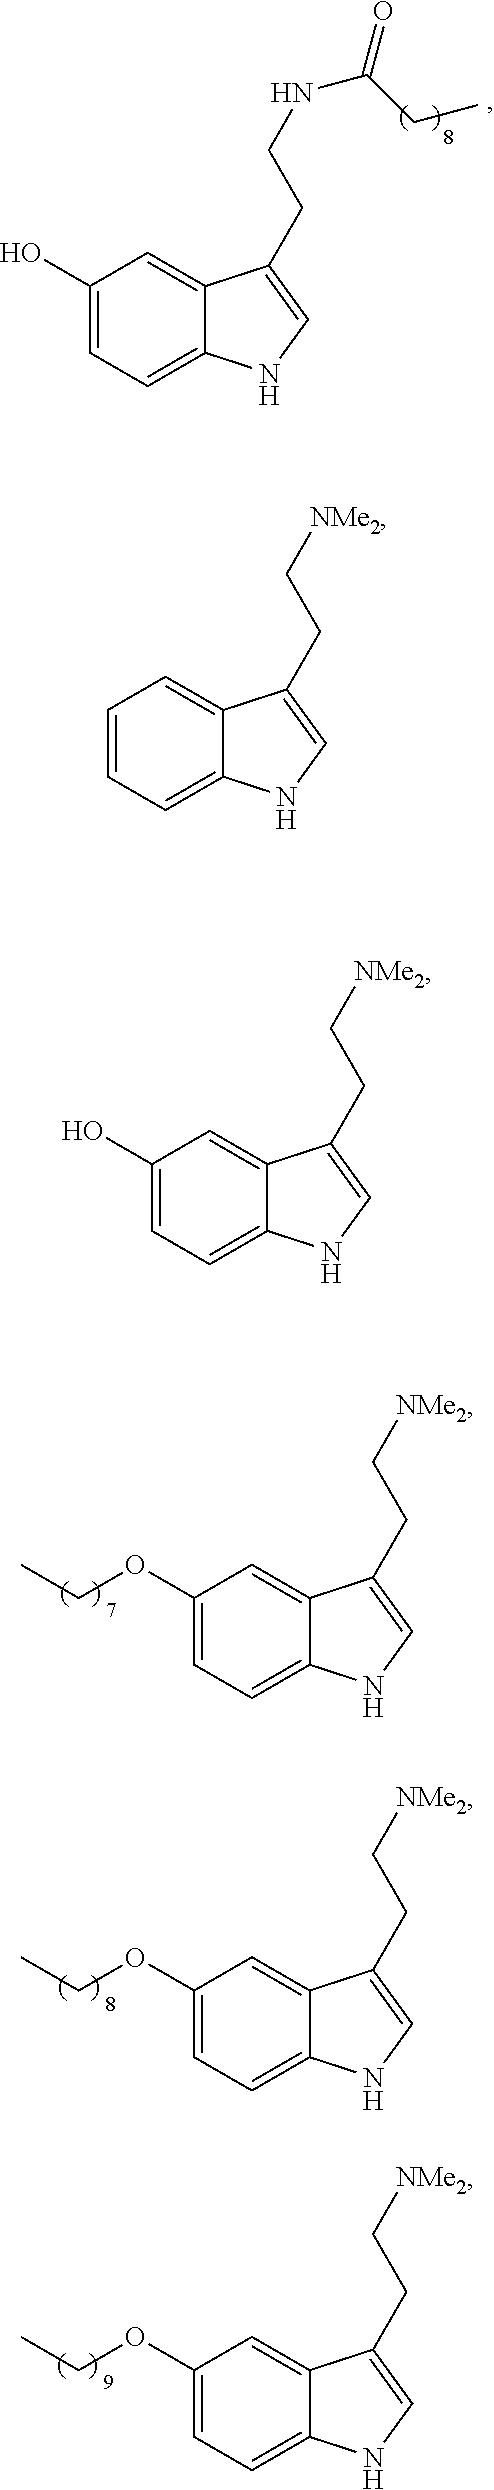 Figure US09073851-20150707-C00056